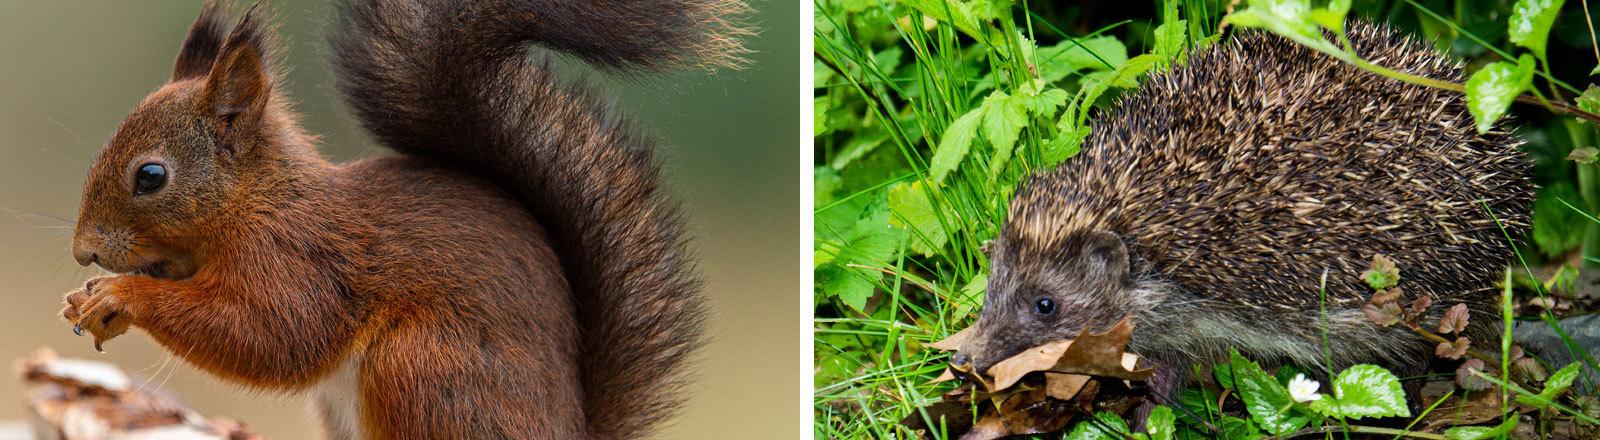 Ein Eichhörnchen und ein Igel.